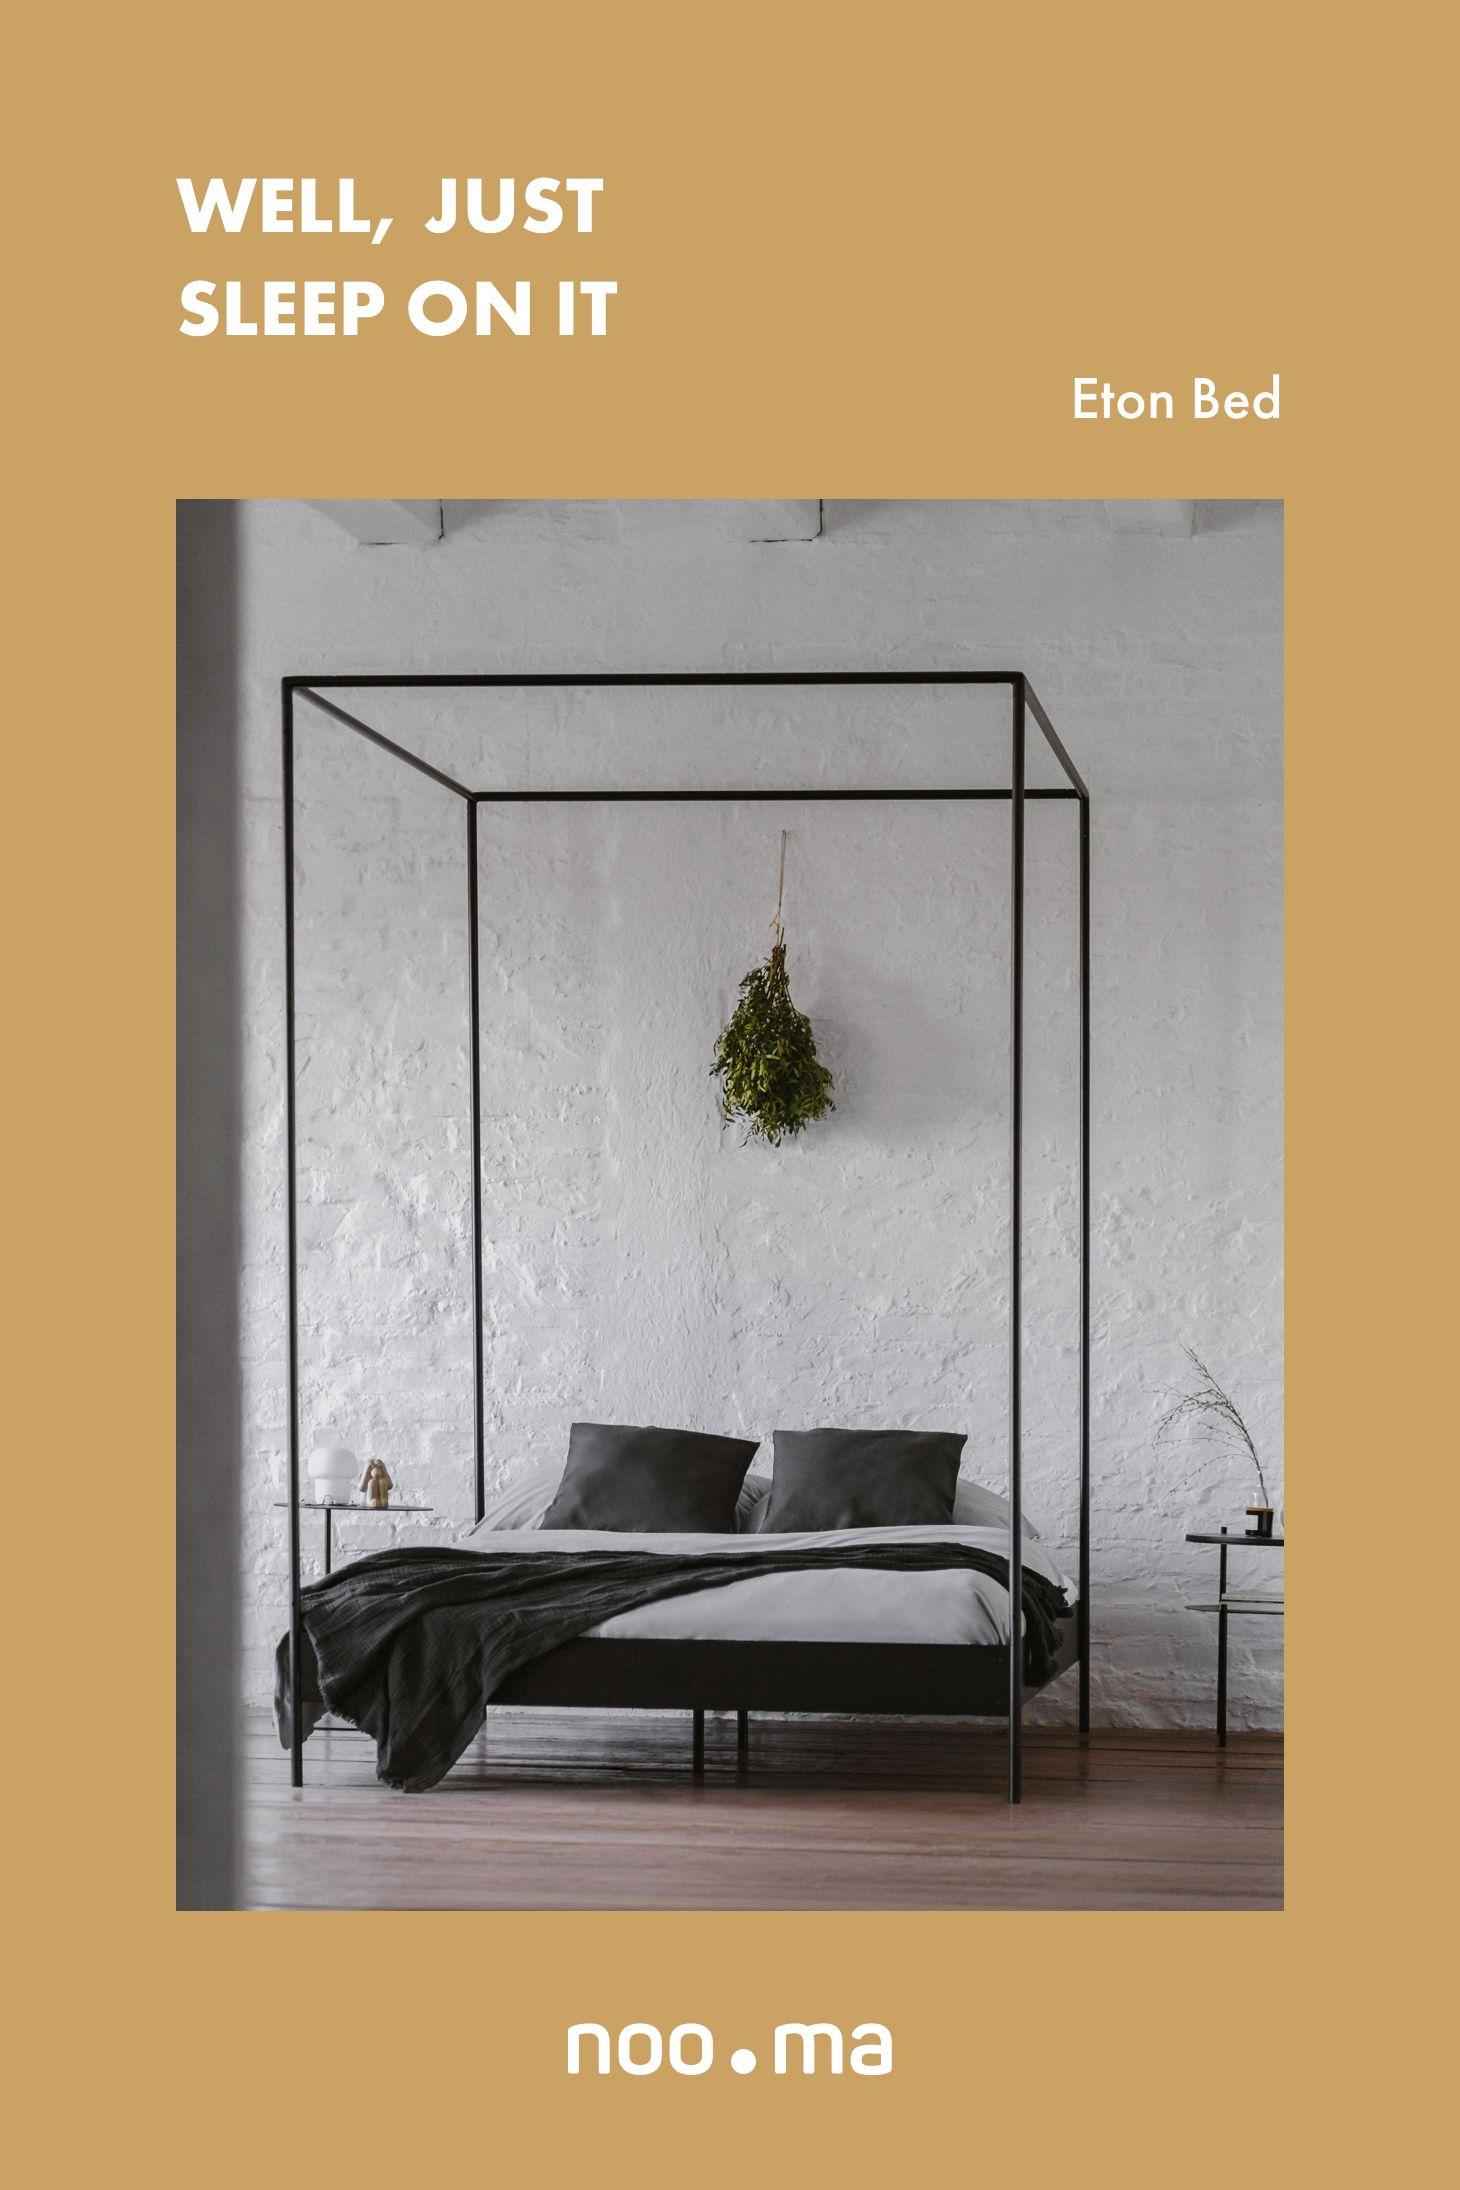 Eton Bed